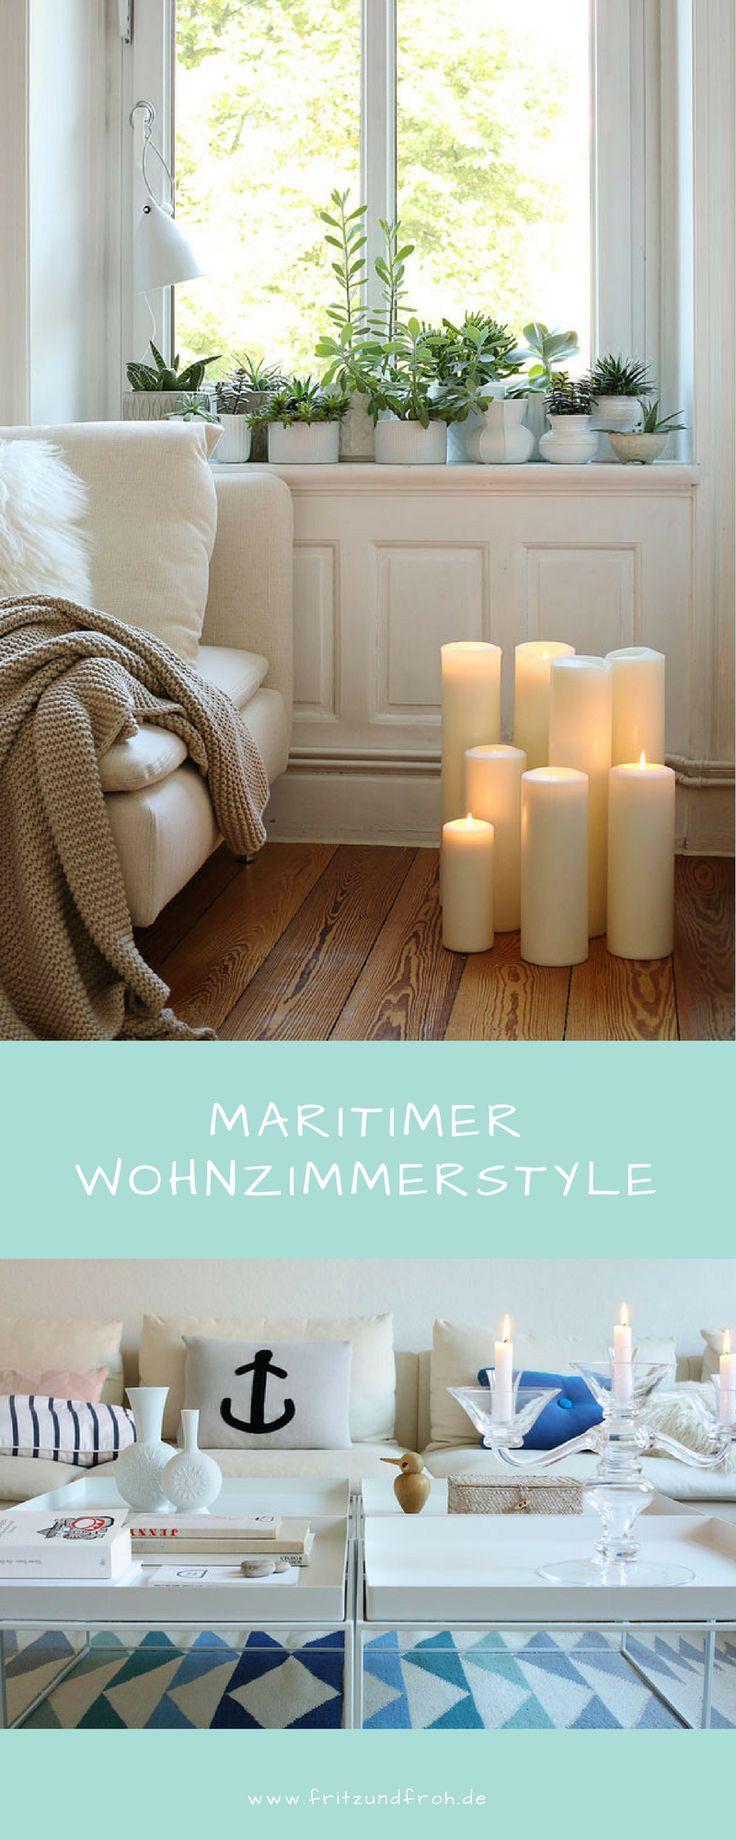 die besten 25 kalte farben ideen auf pinterest ascheblonder bob blondes haar und hellblond. Black Bedroom Furniture Sets. Home Design Ideas